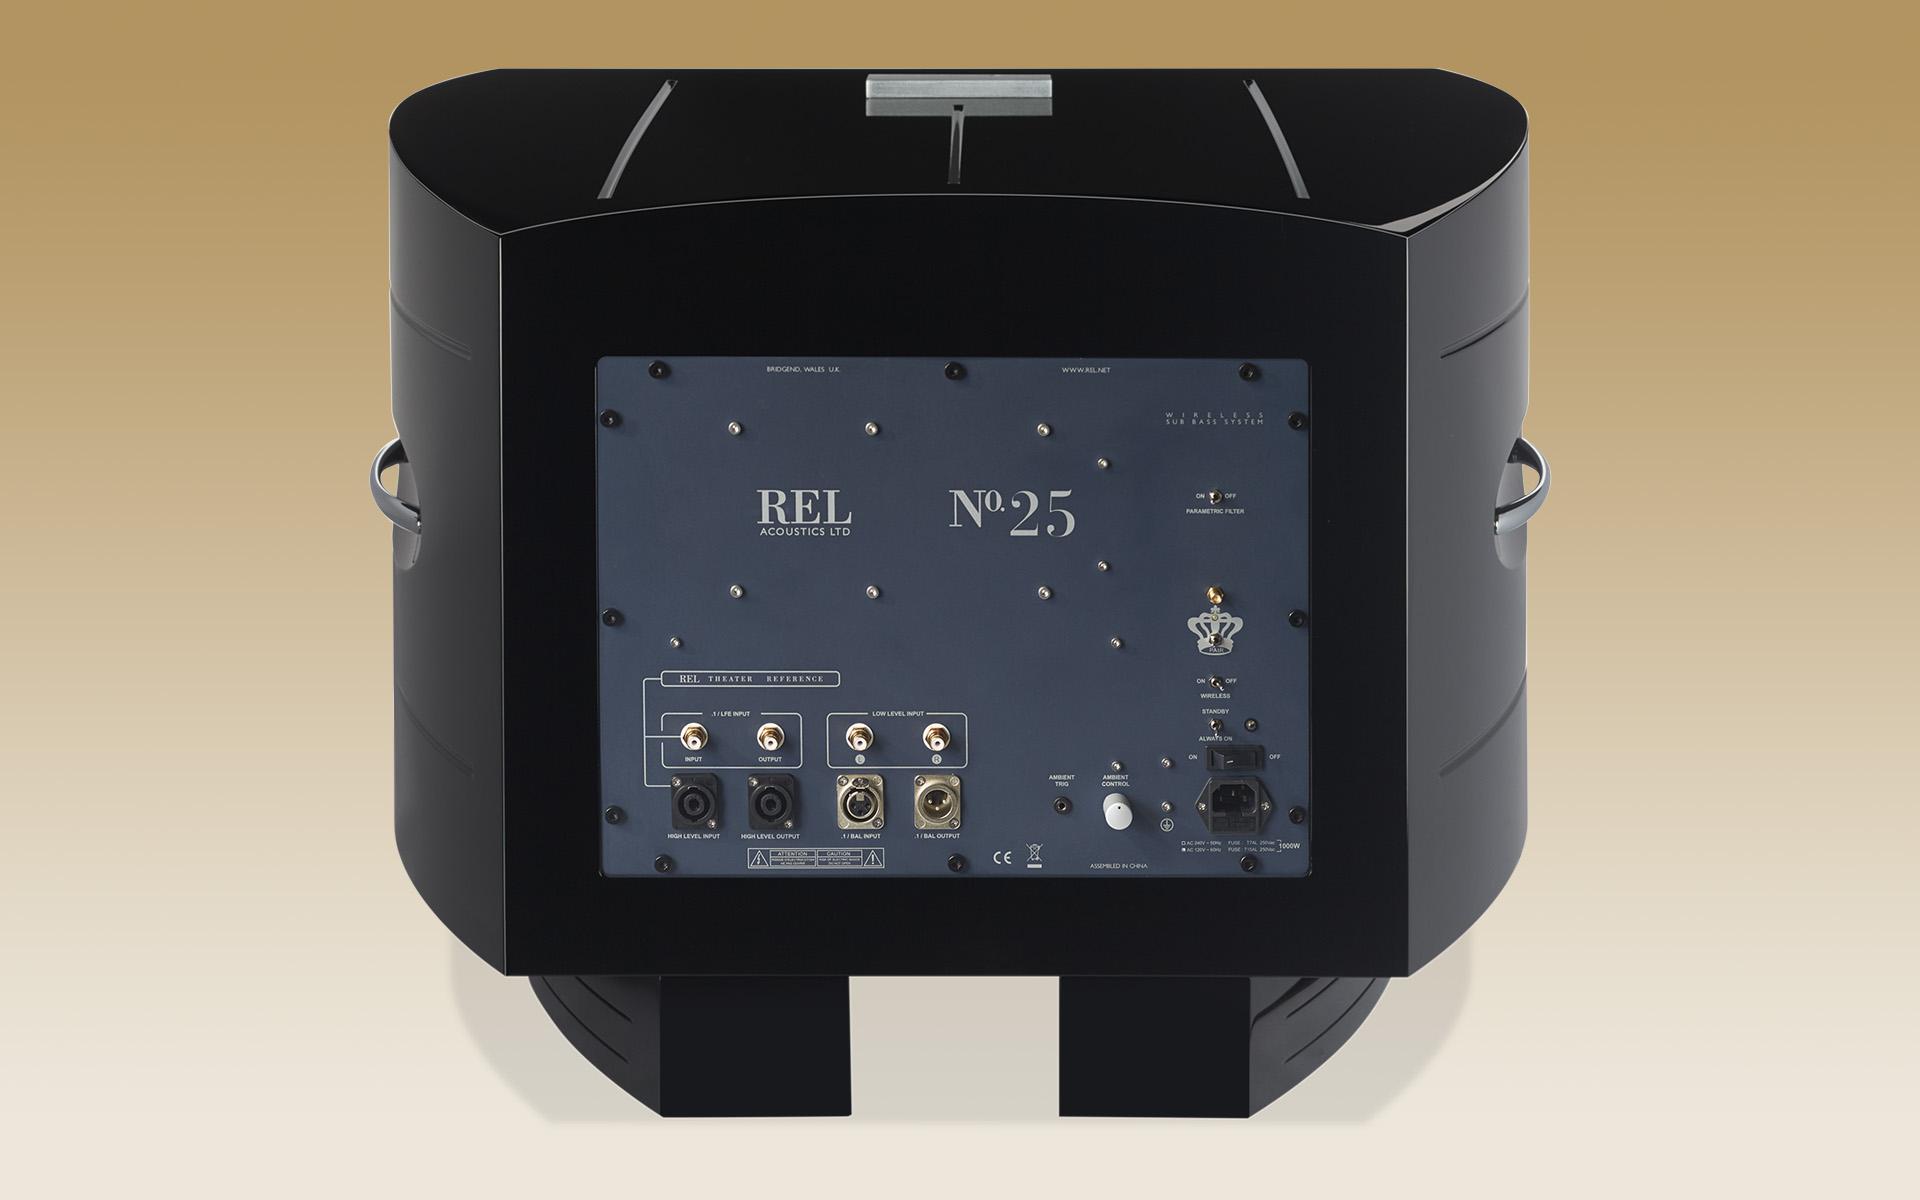 Подключить сабвуфер REL No. 25 к системе можно практически любым удобным для вас способом